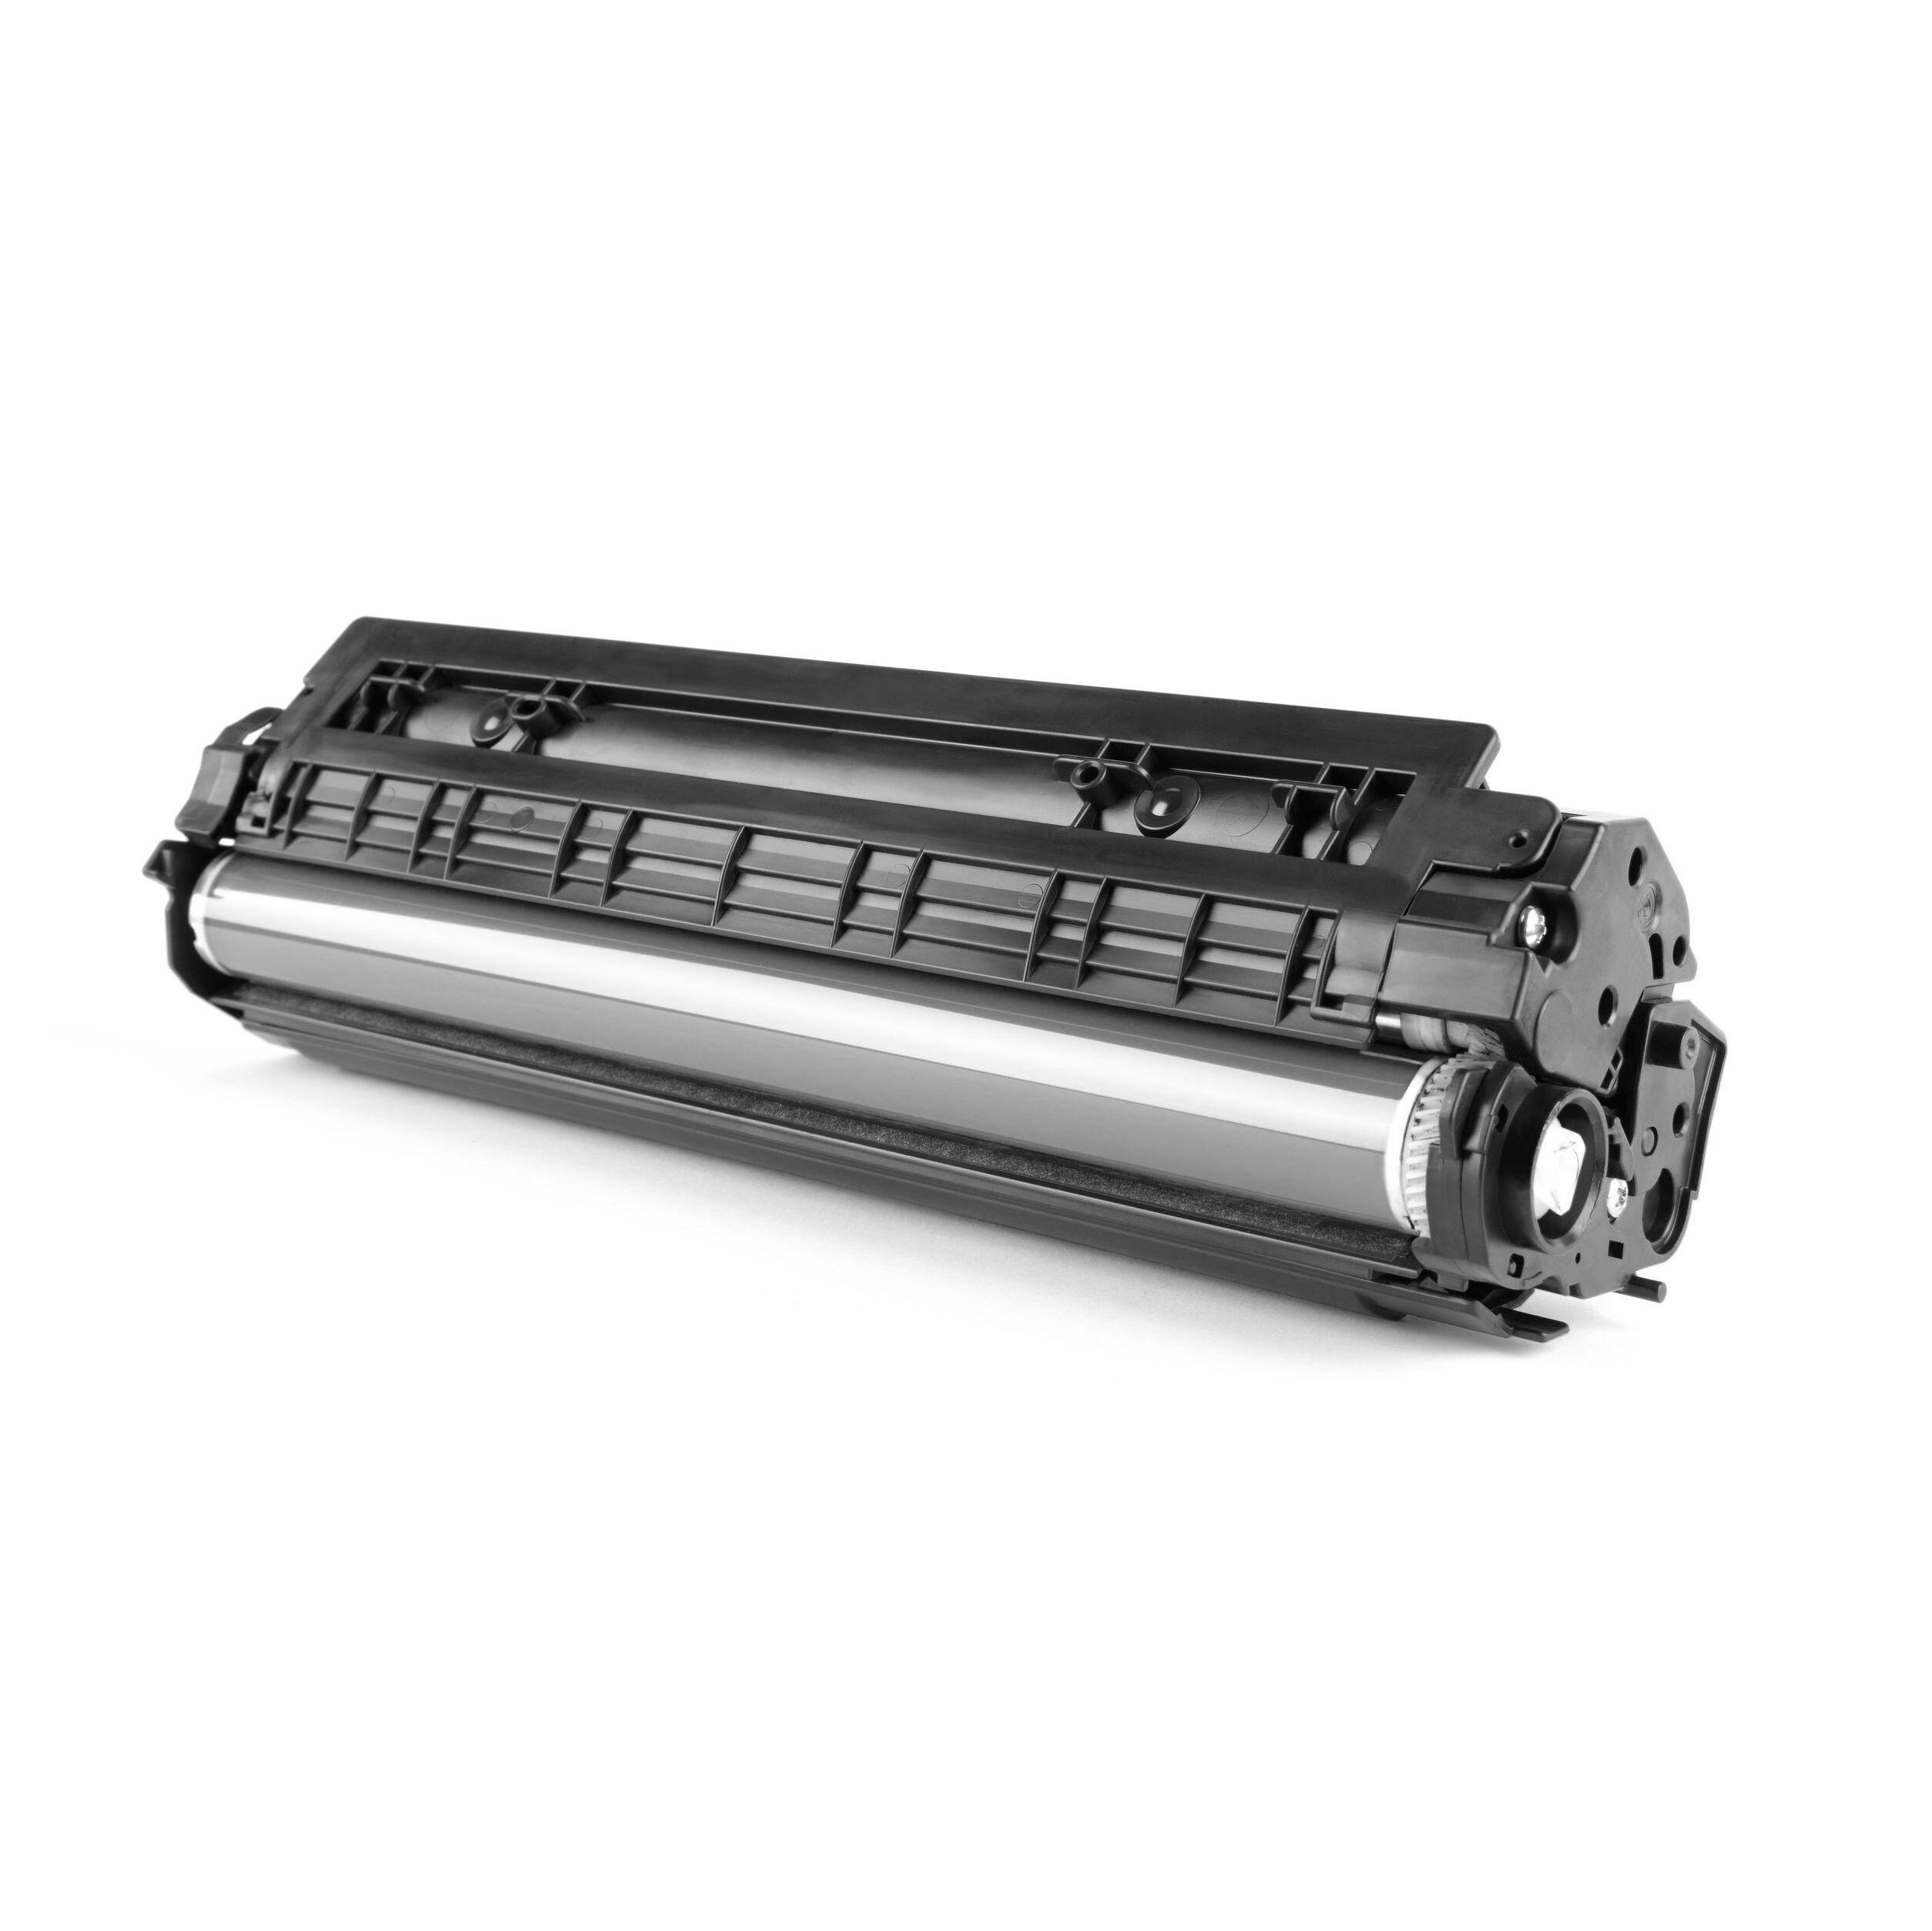 Brother HSE-241 Druckerzubehör schwarz white original - passend für Brother P-Touch H 500 Li